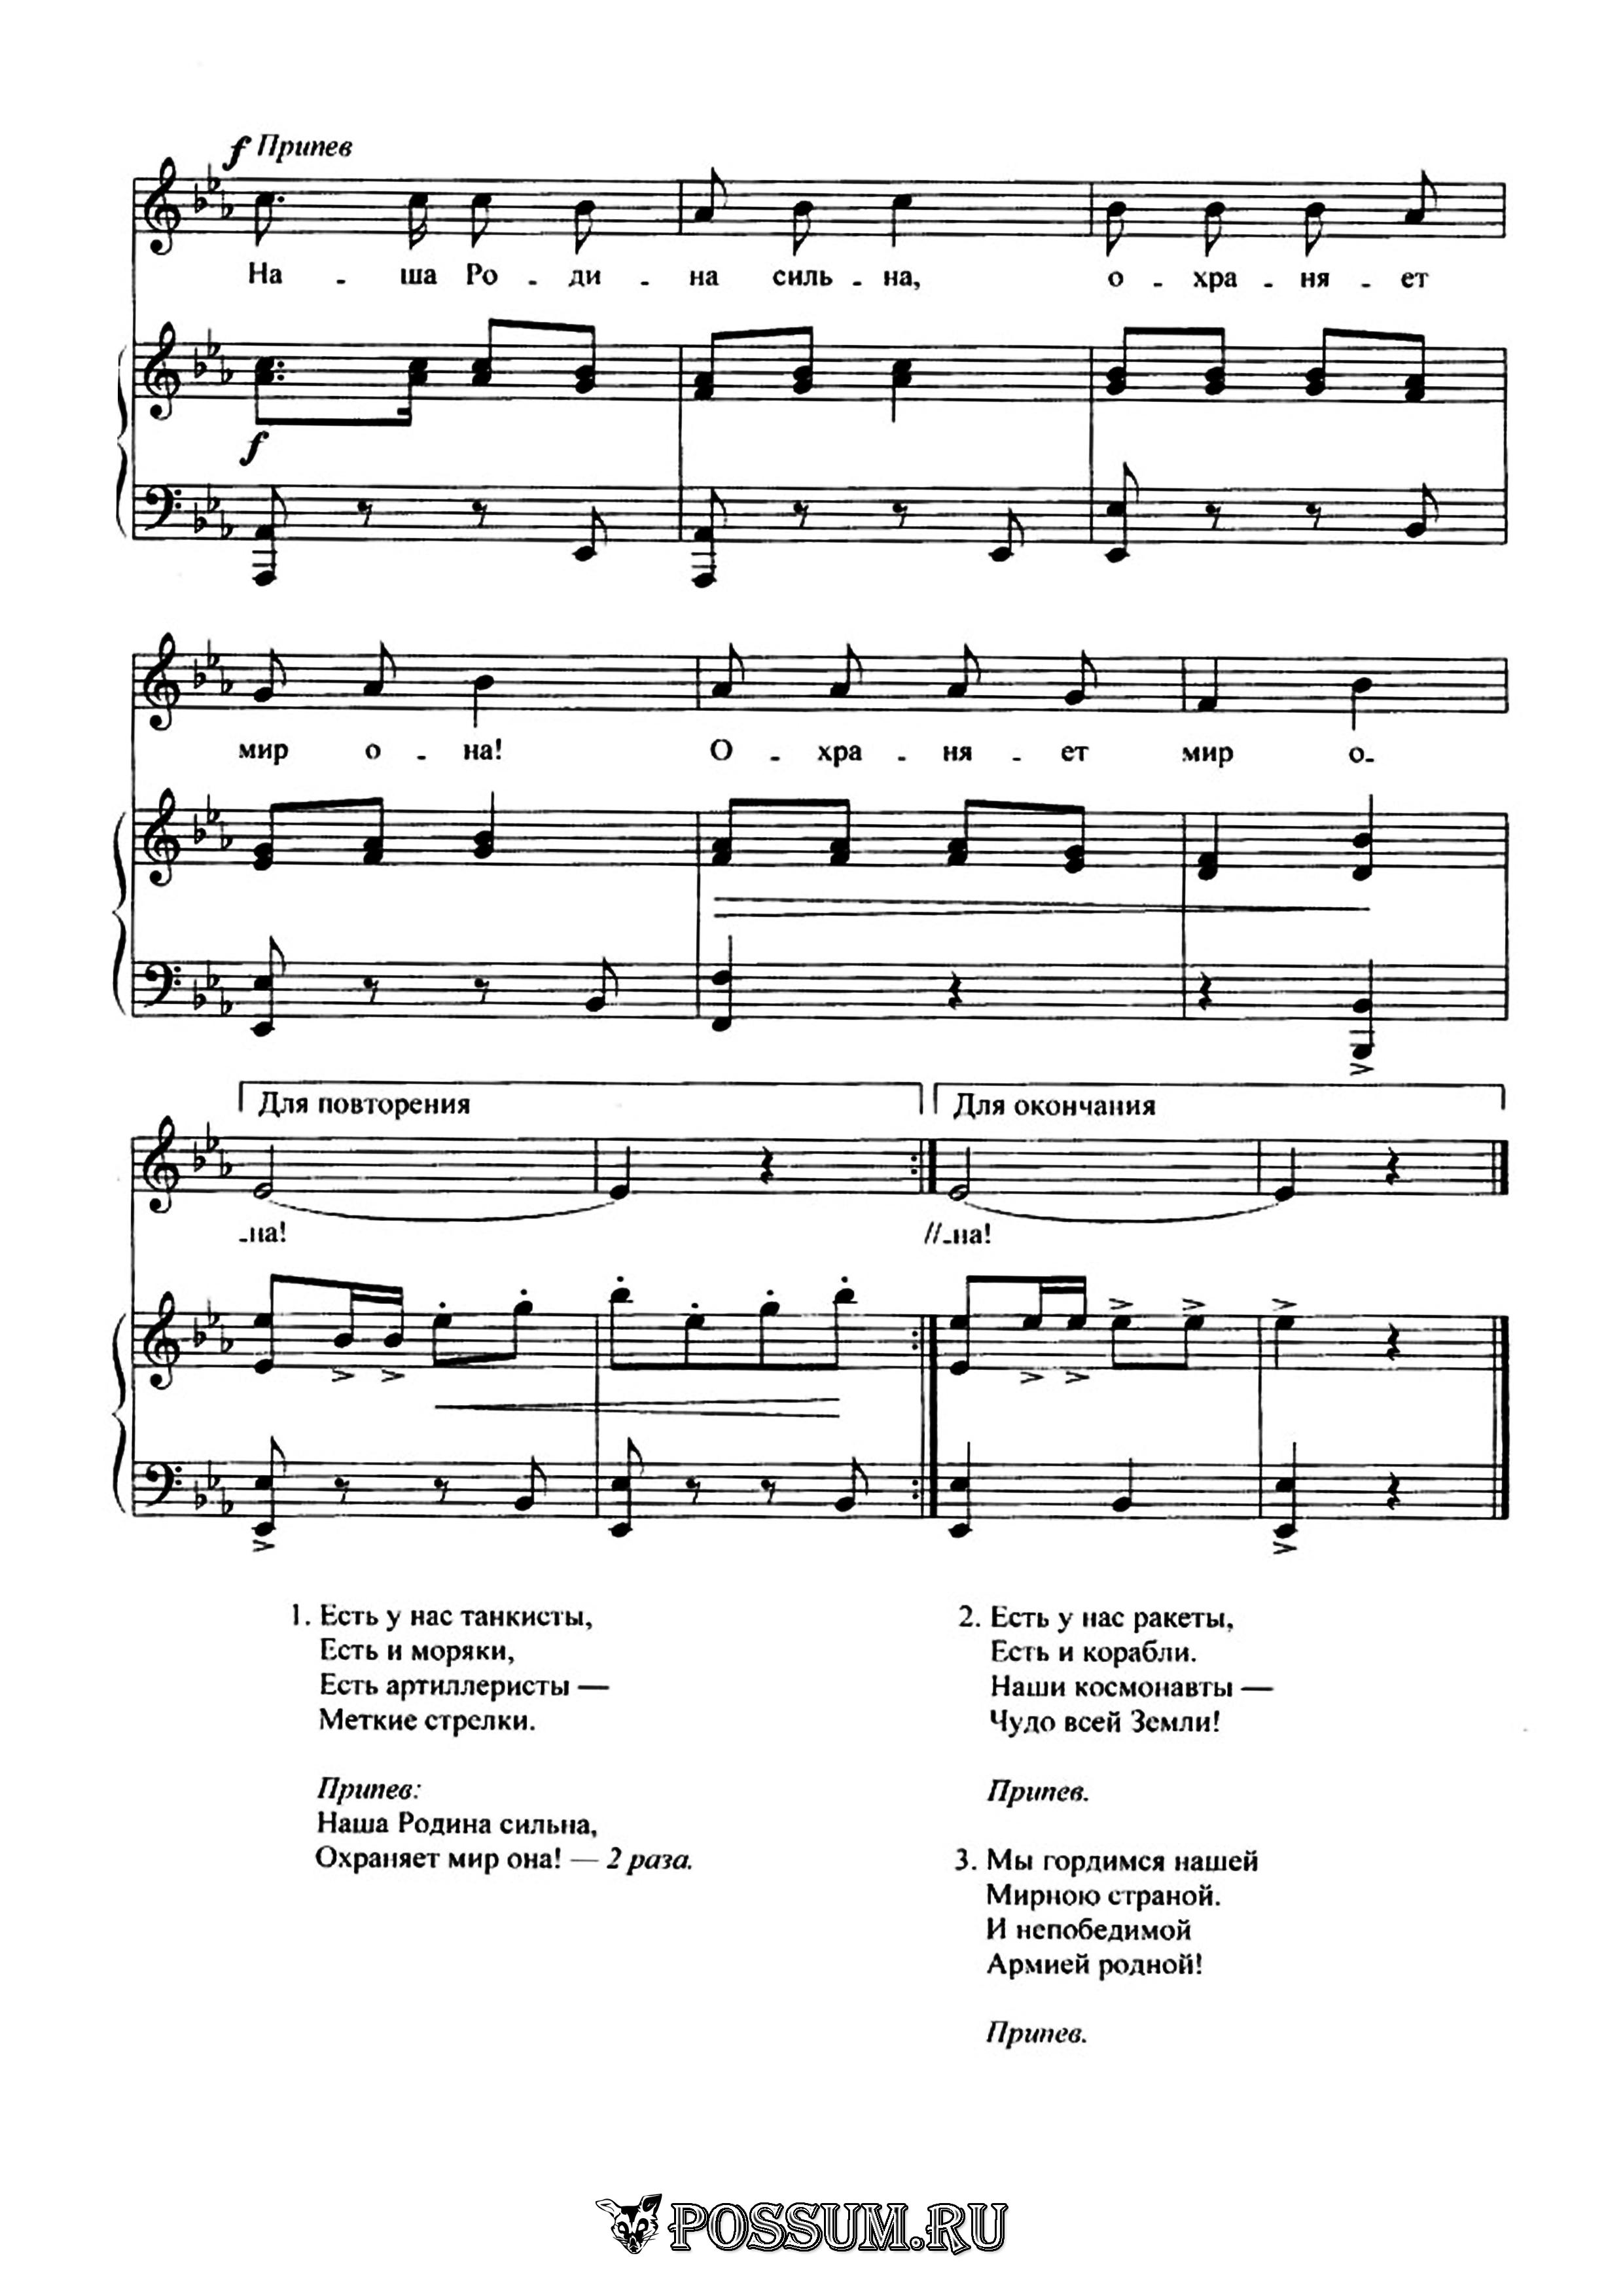 Песенка о родине для 4 класса